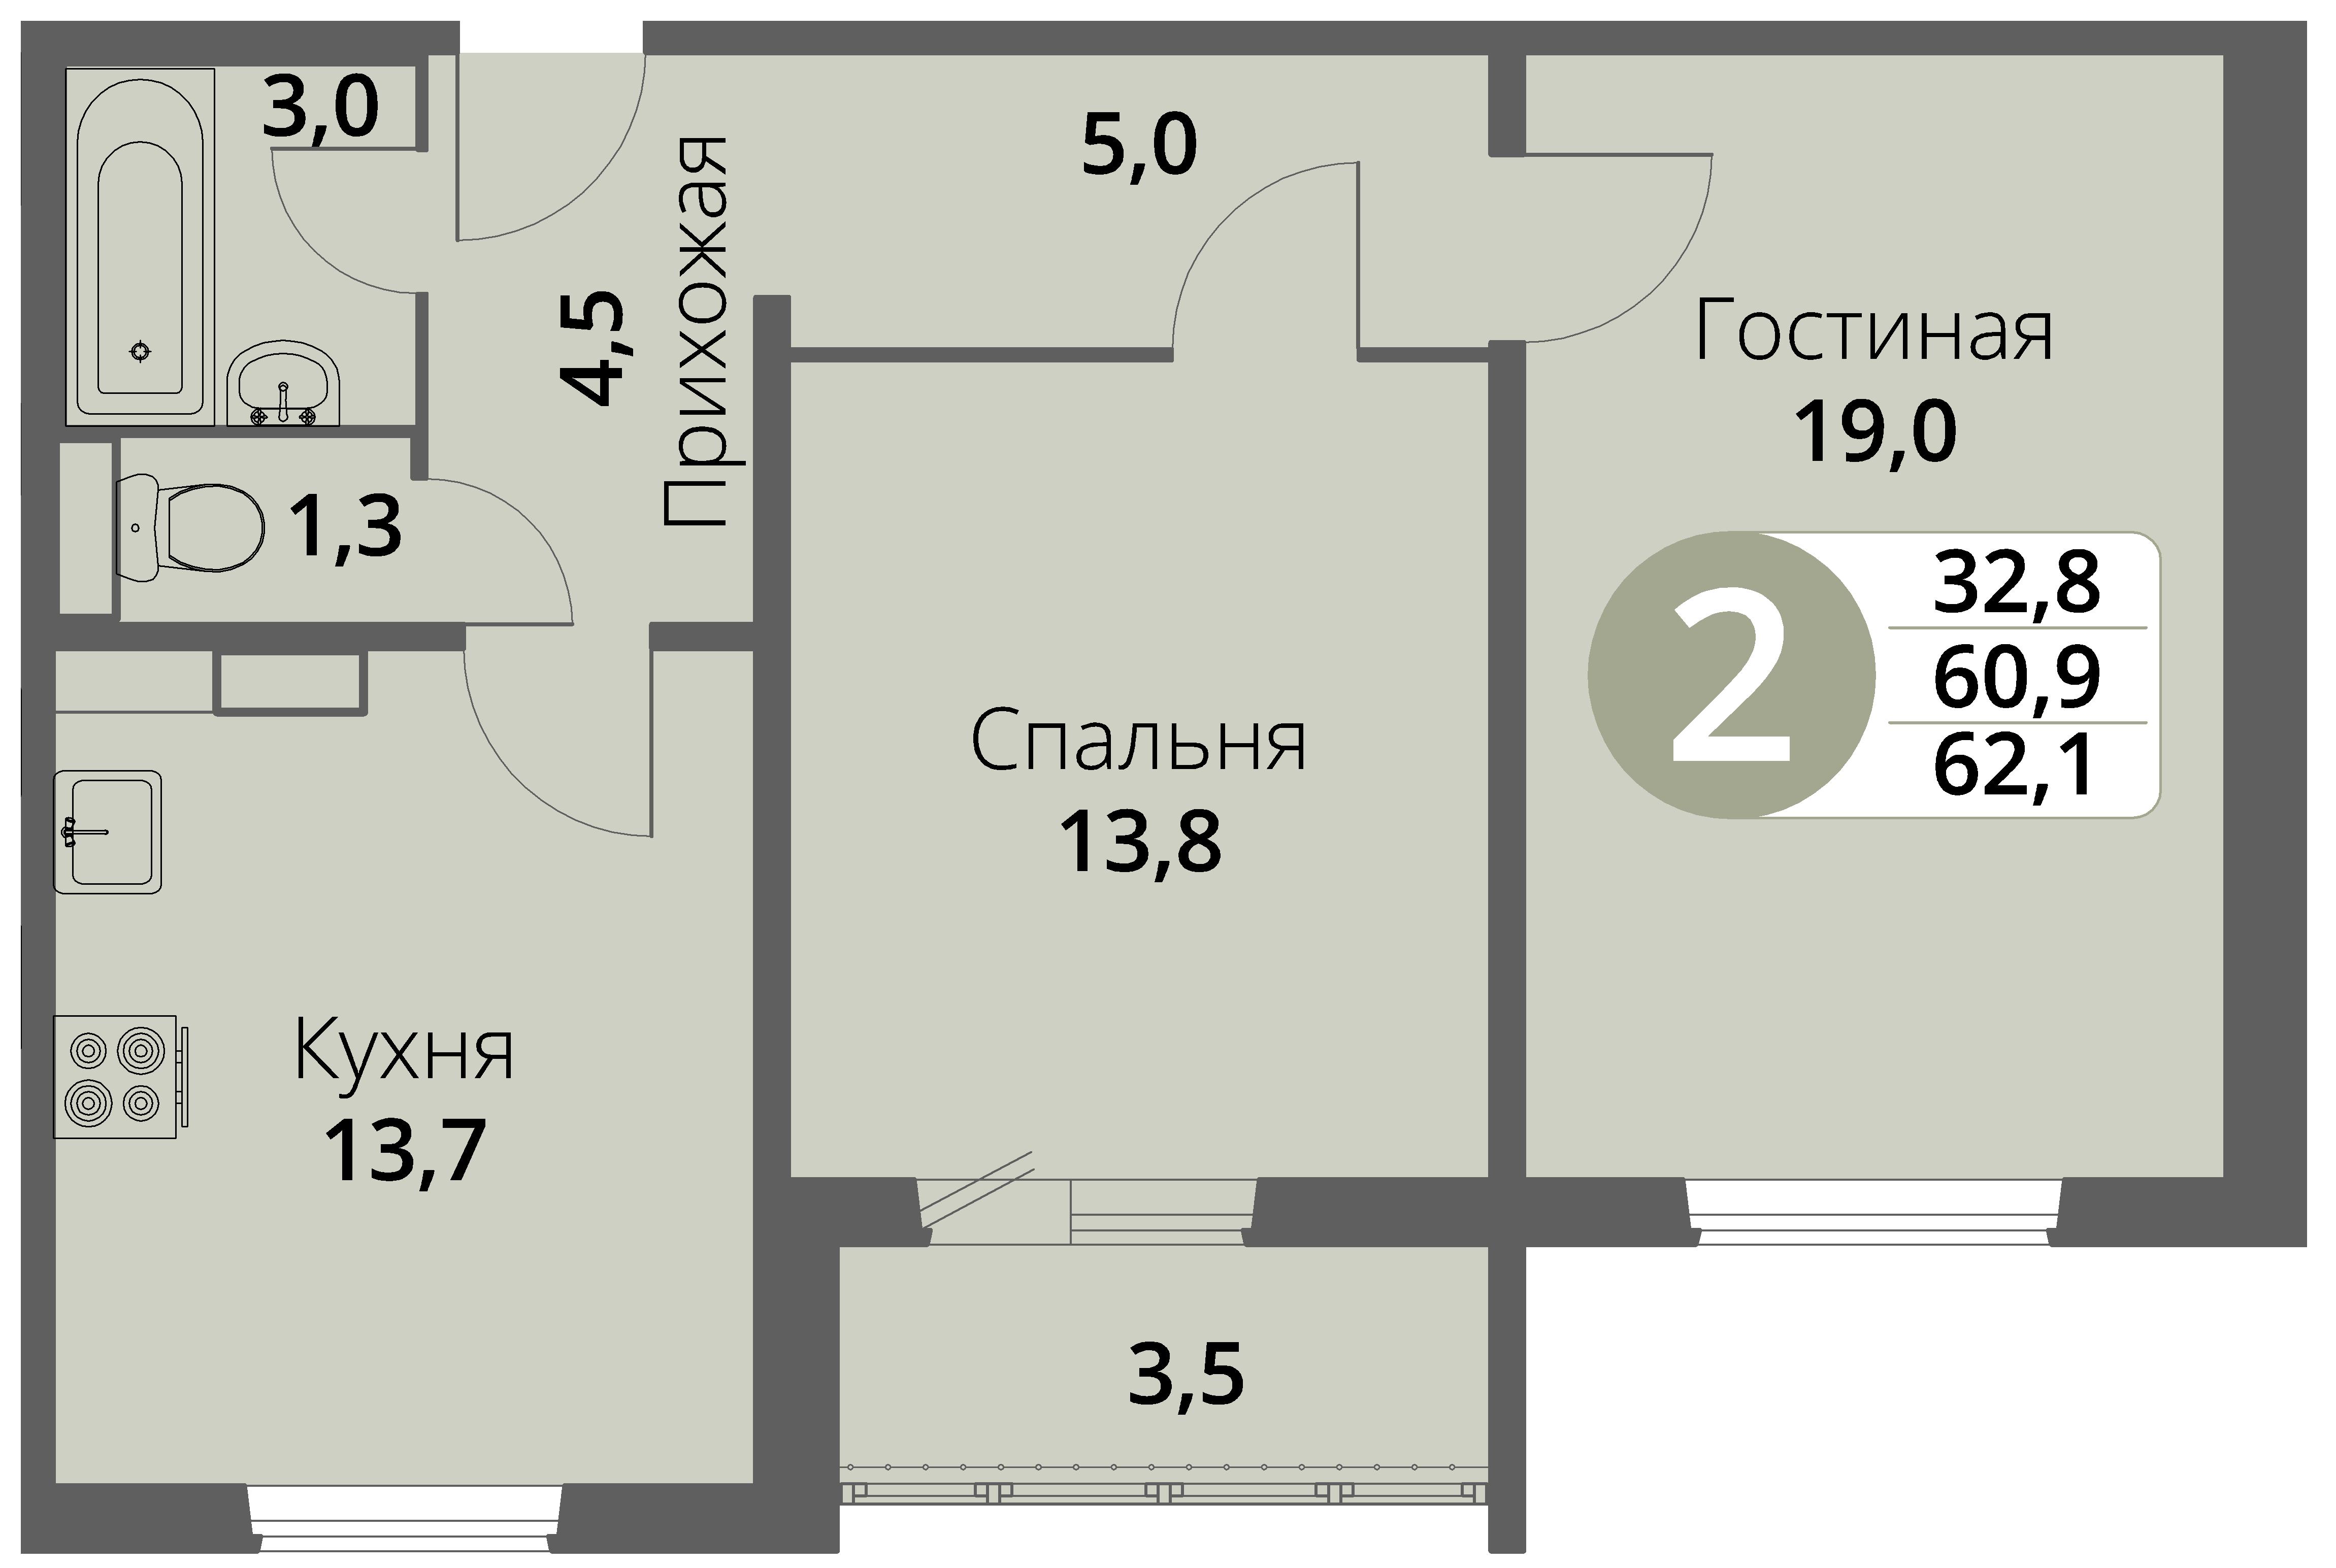 Зареченская 1-2, квартира 72 - Двухкомнатная